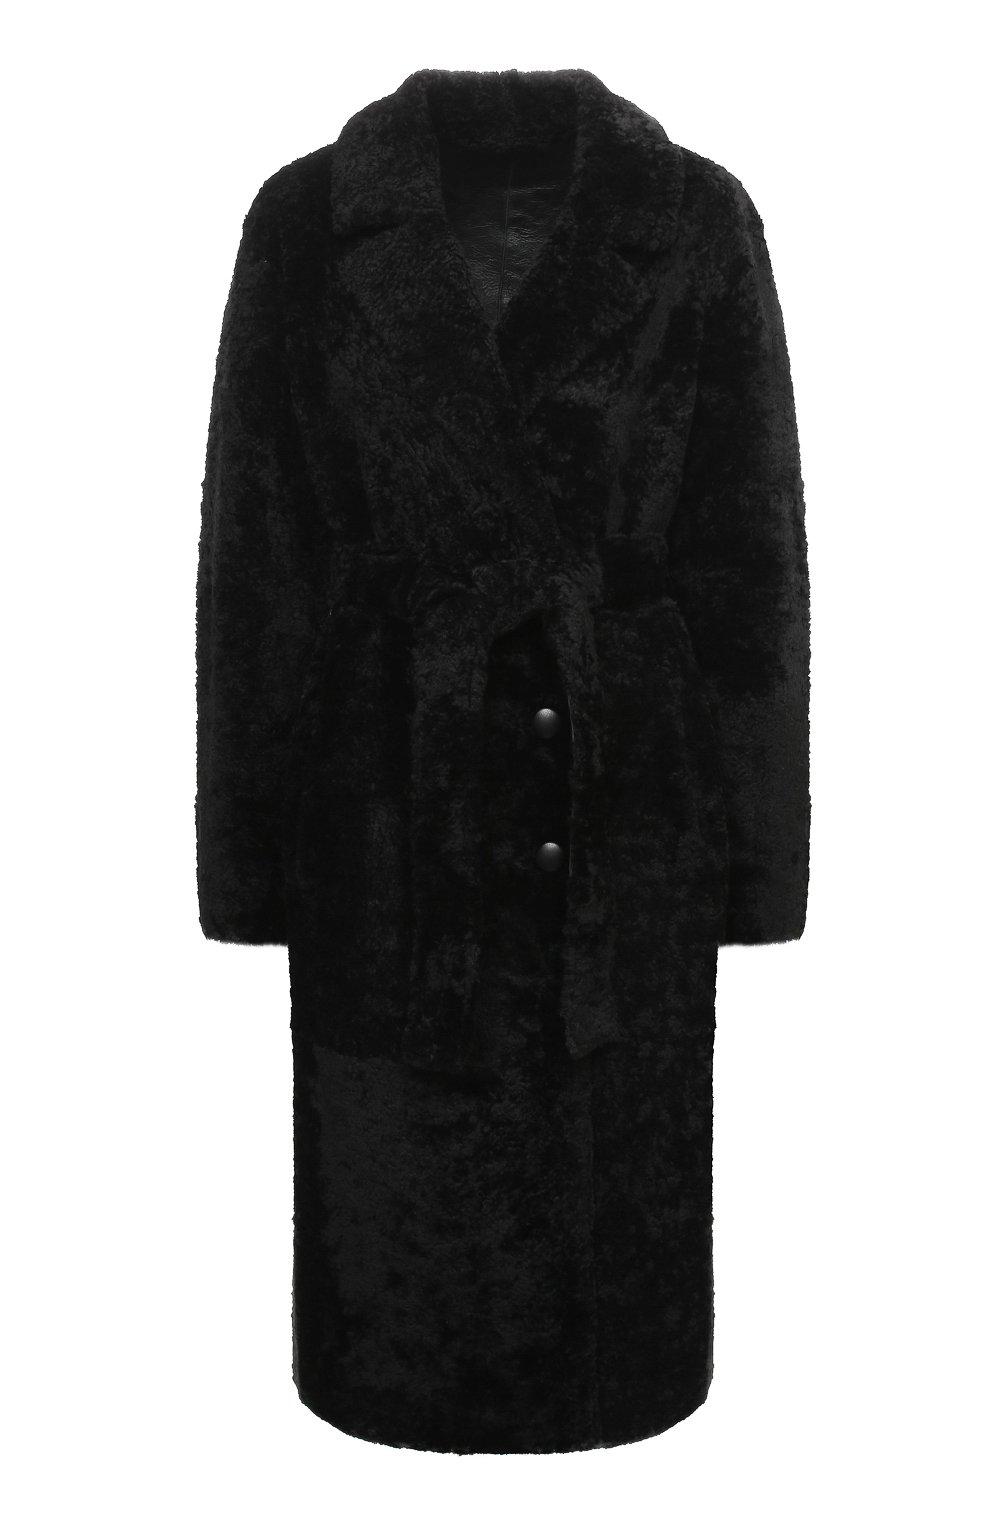 Женская шуба из овчины ANNE VEST черного цвета, арт. AW20/01/202/01/CL0E   Фото 1 (Женское Кросс-КТ: Мех; Рукава: Длинные; Материал внешний: Натуральный мех; Длина (верхняя одежда): Длинные; Стили: Кэжуэл)